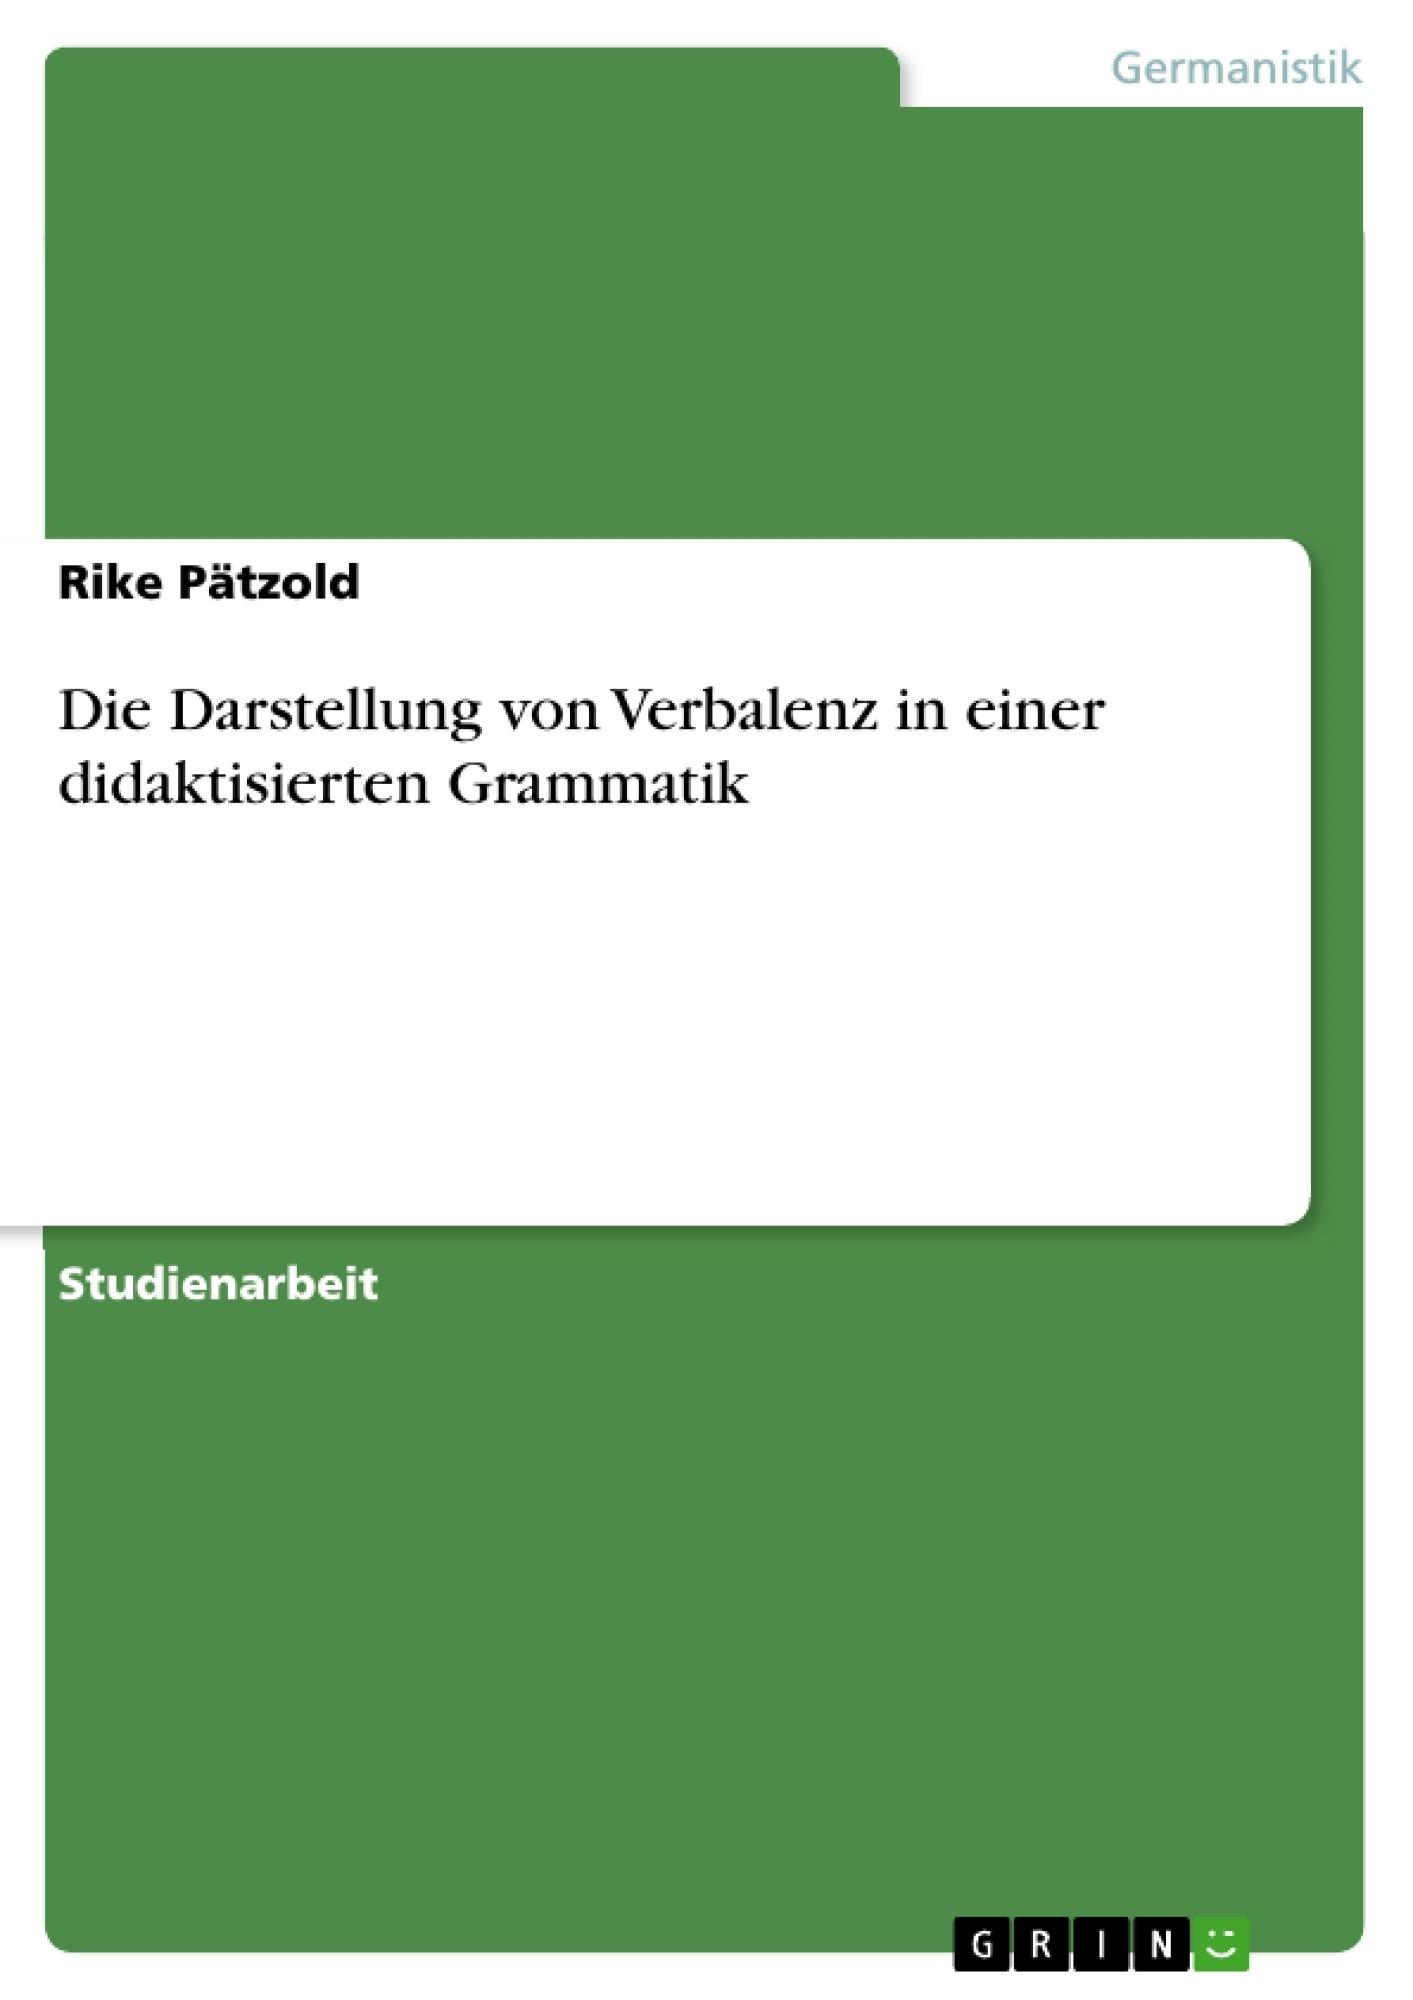 Titel: Die Darstellung von Verbalenz in einer didaktisierten Grammatik